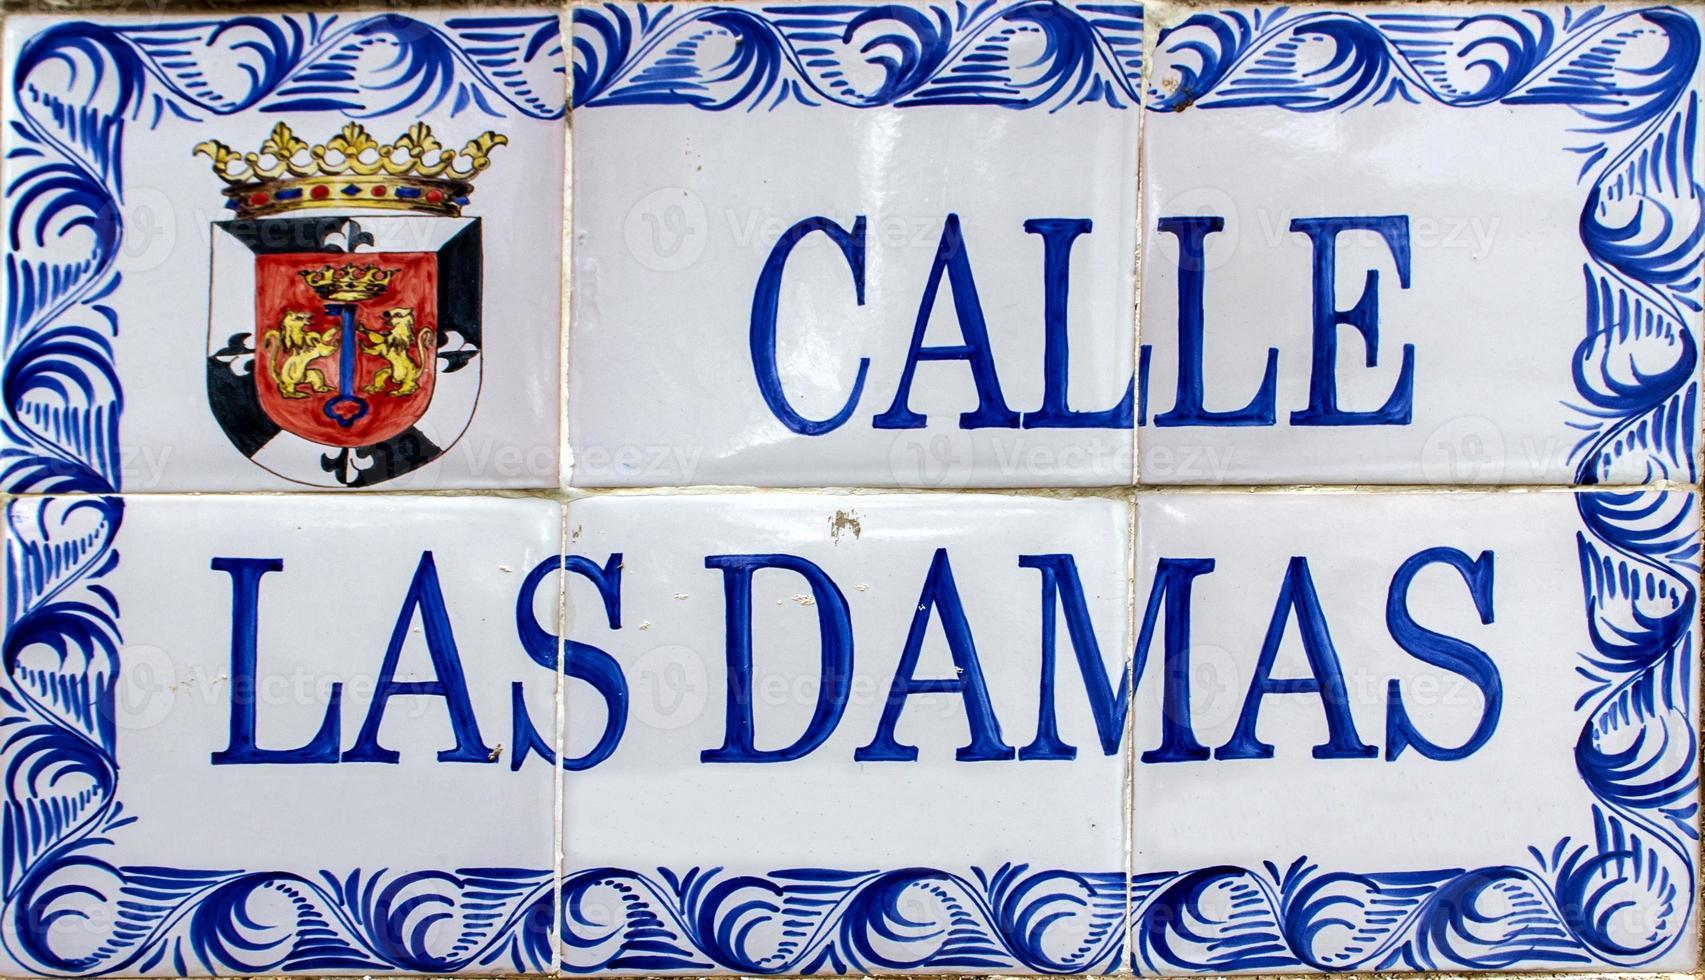 placa de rua em santo domingo, república dominicana foto